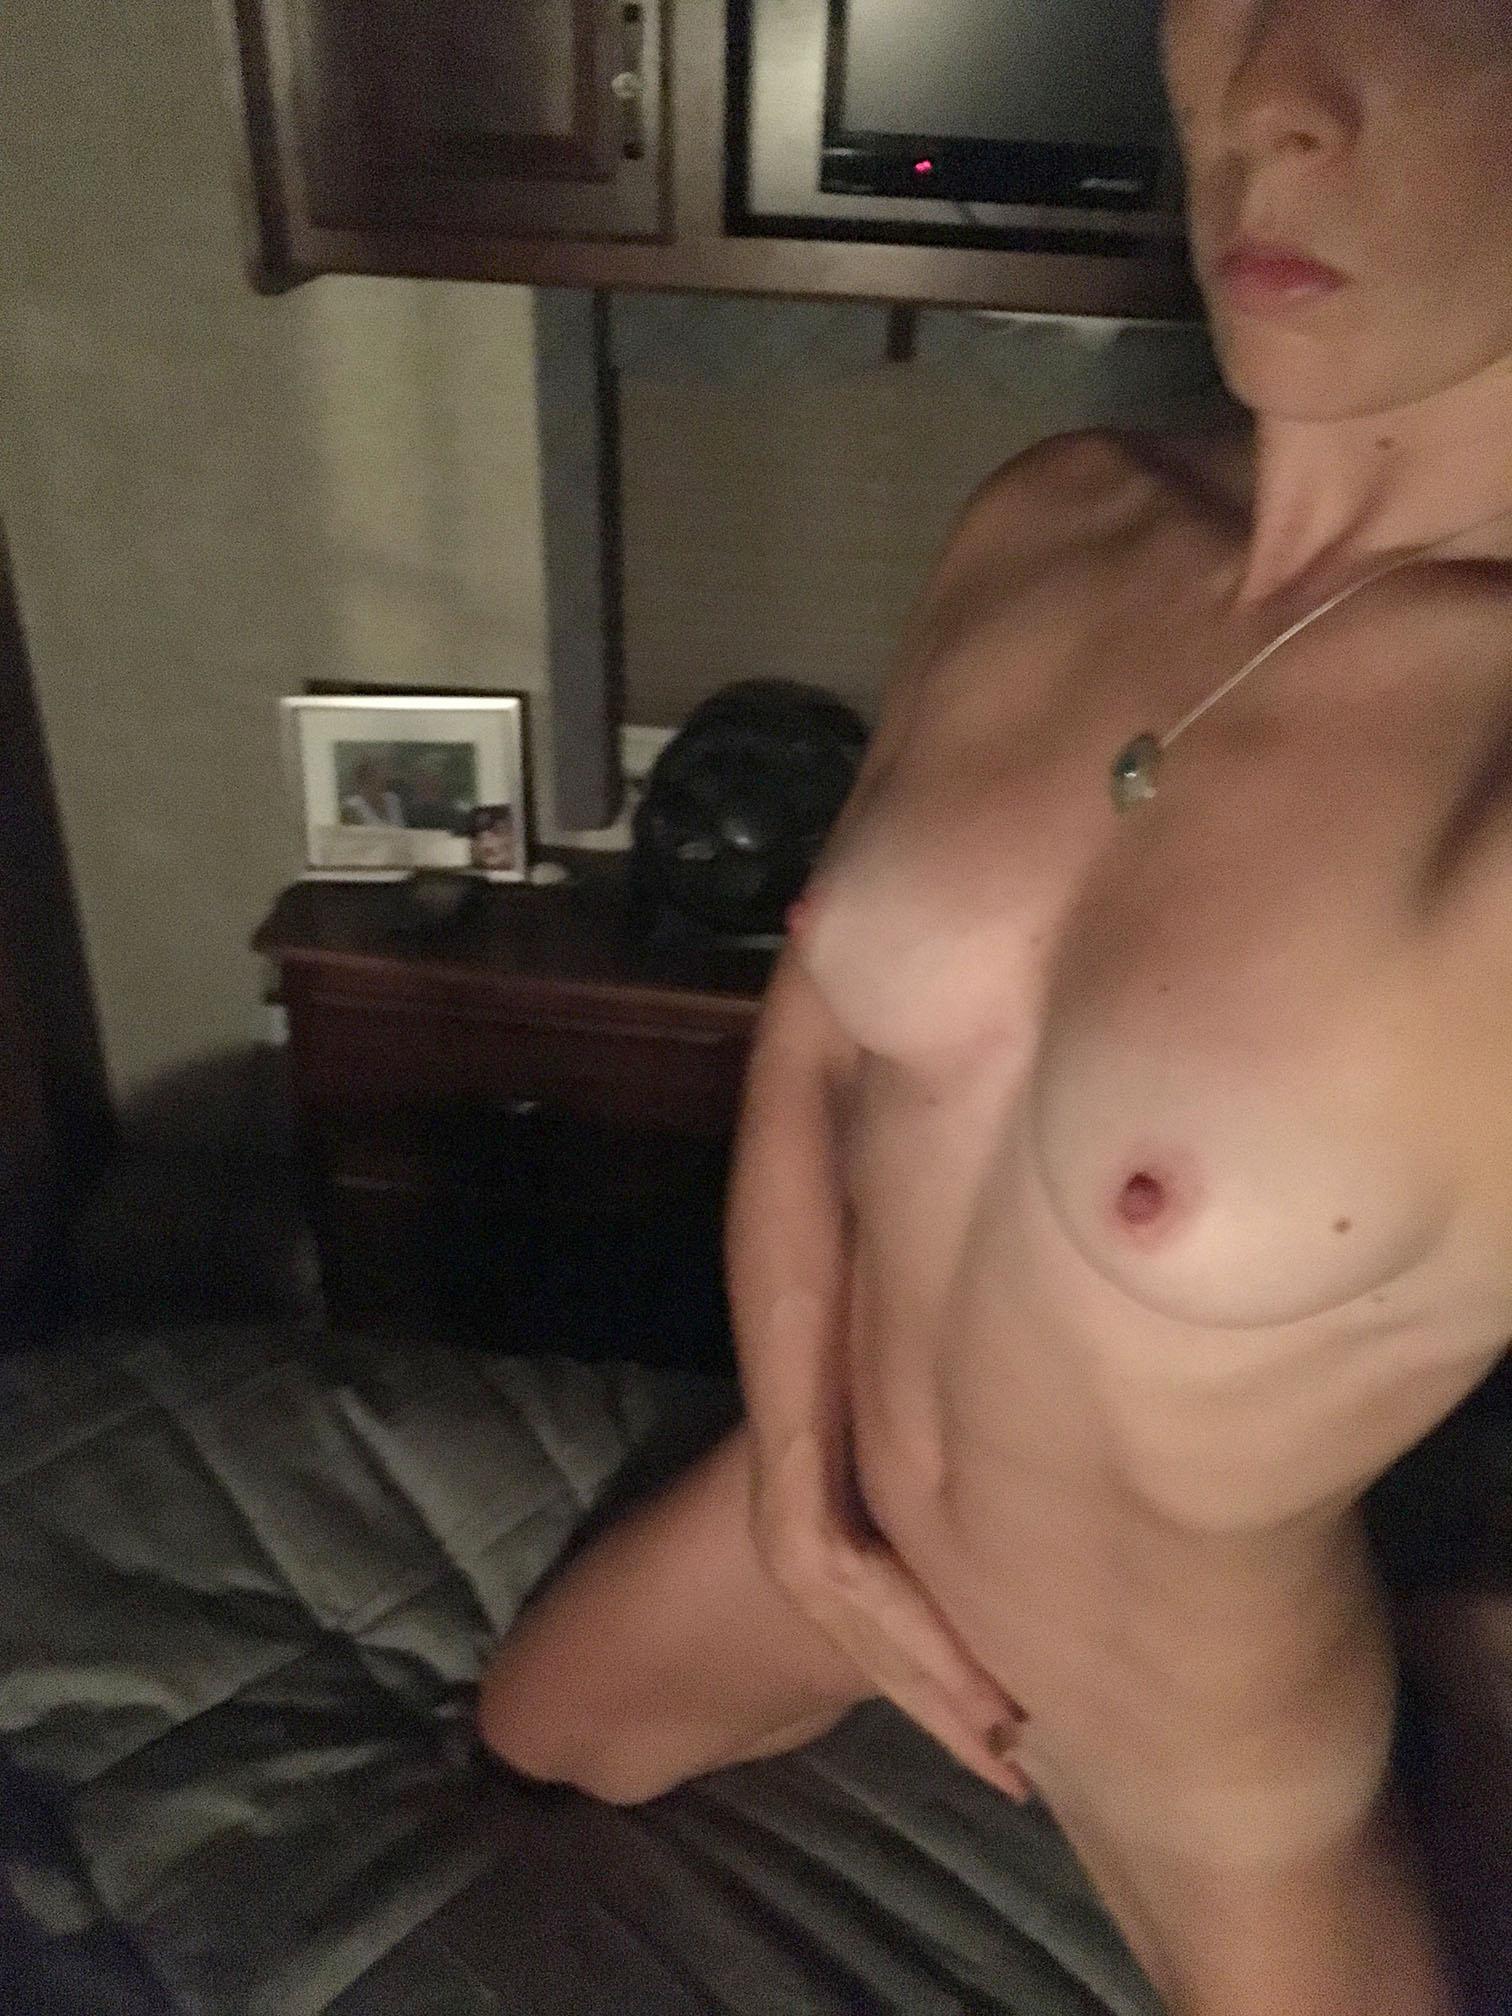 Ballet Dancer Chelsea Teel Masturbating